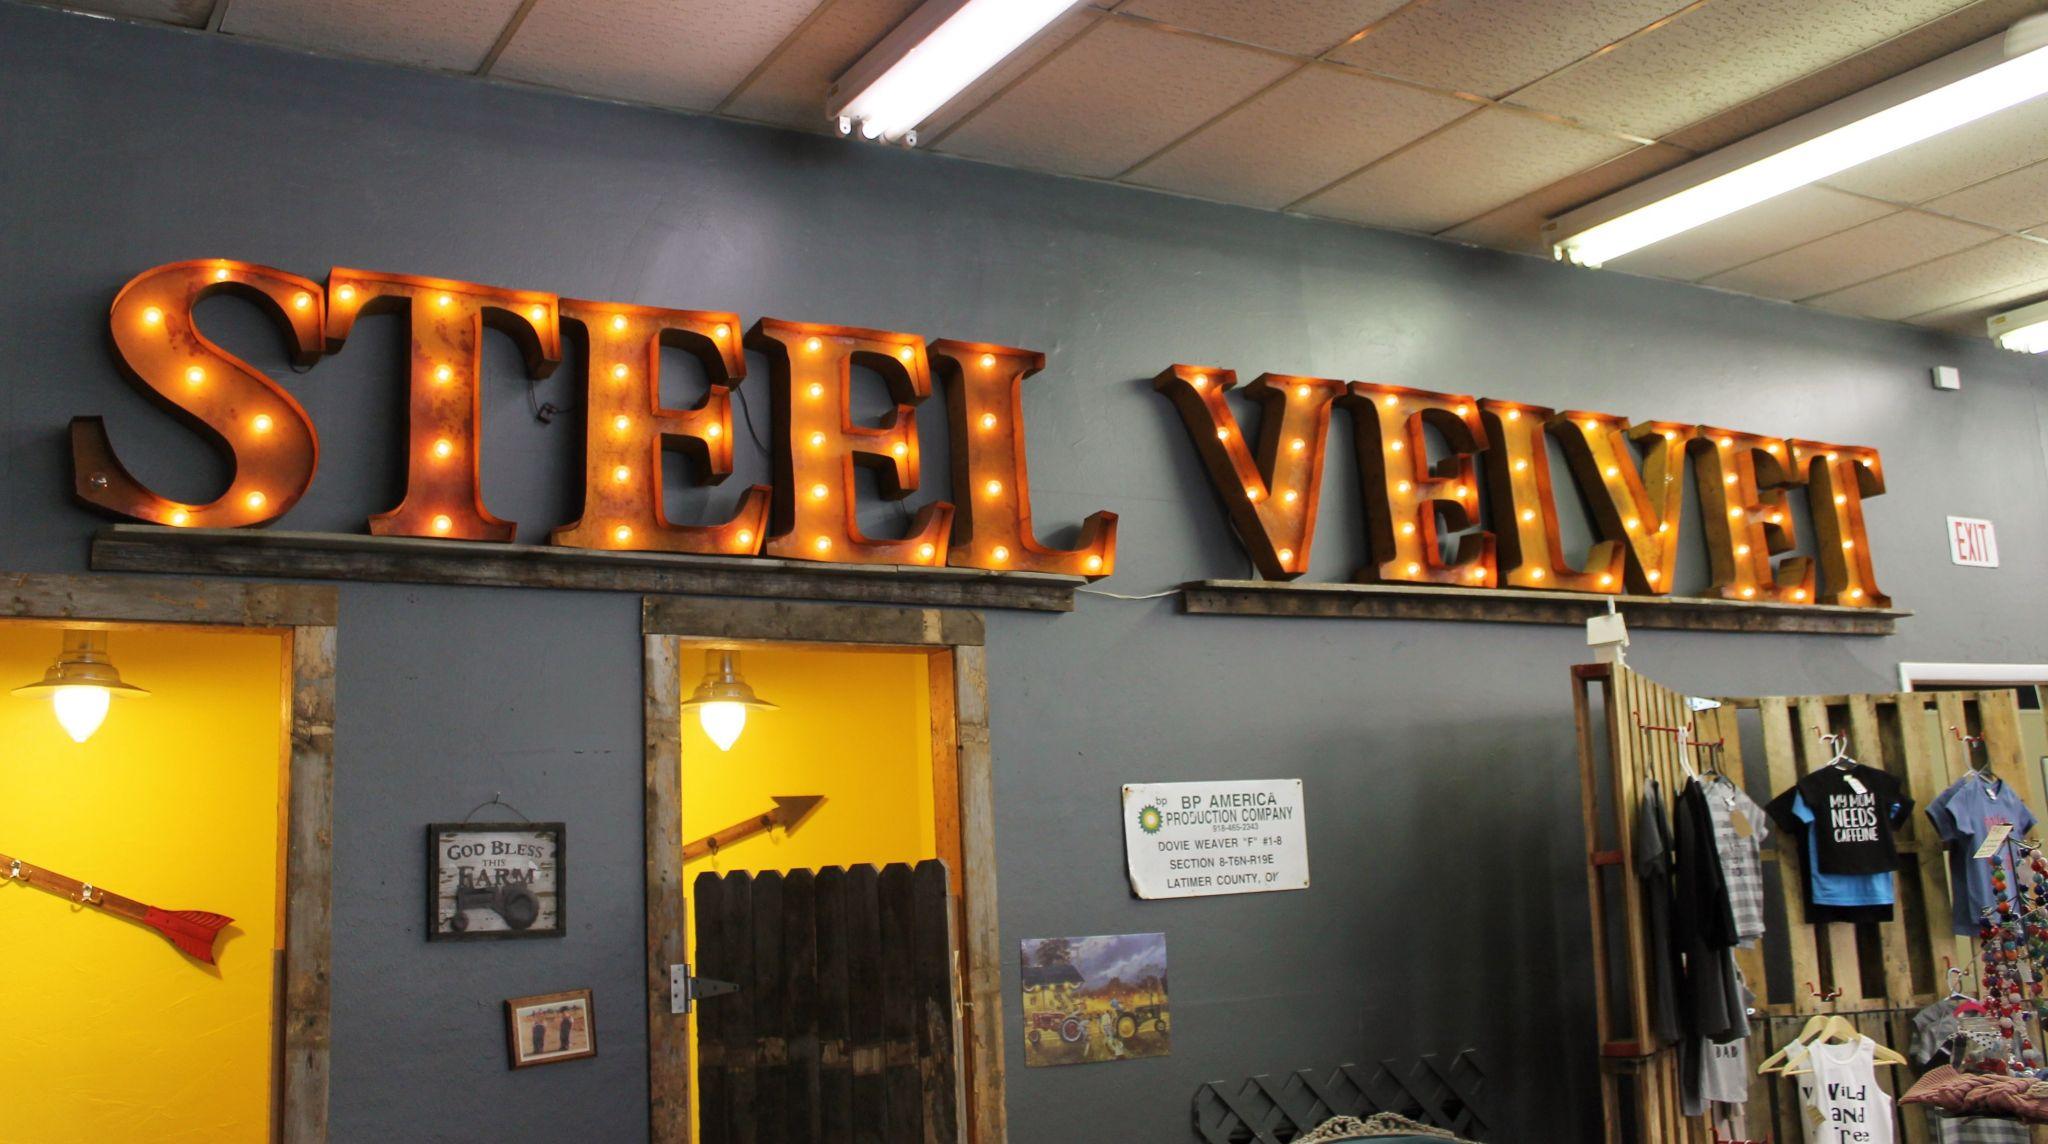 Steel Velvet in Chickasha